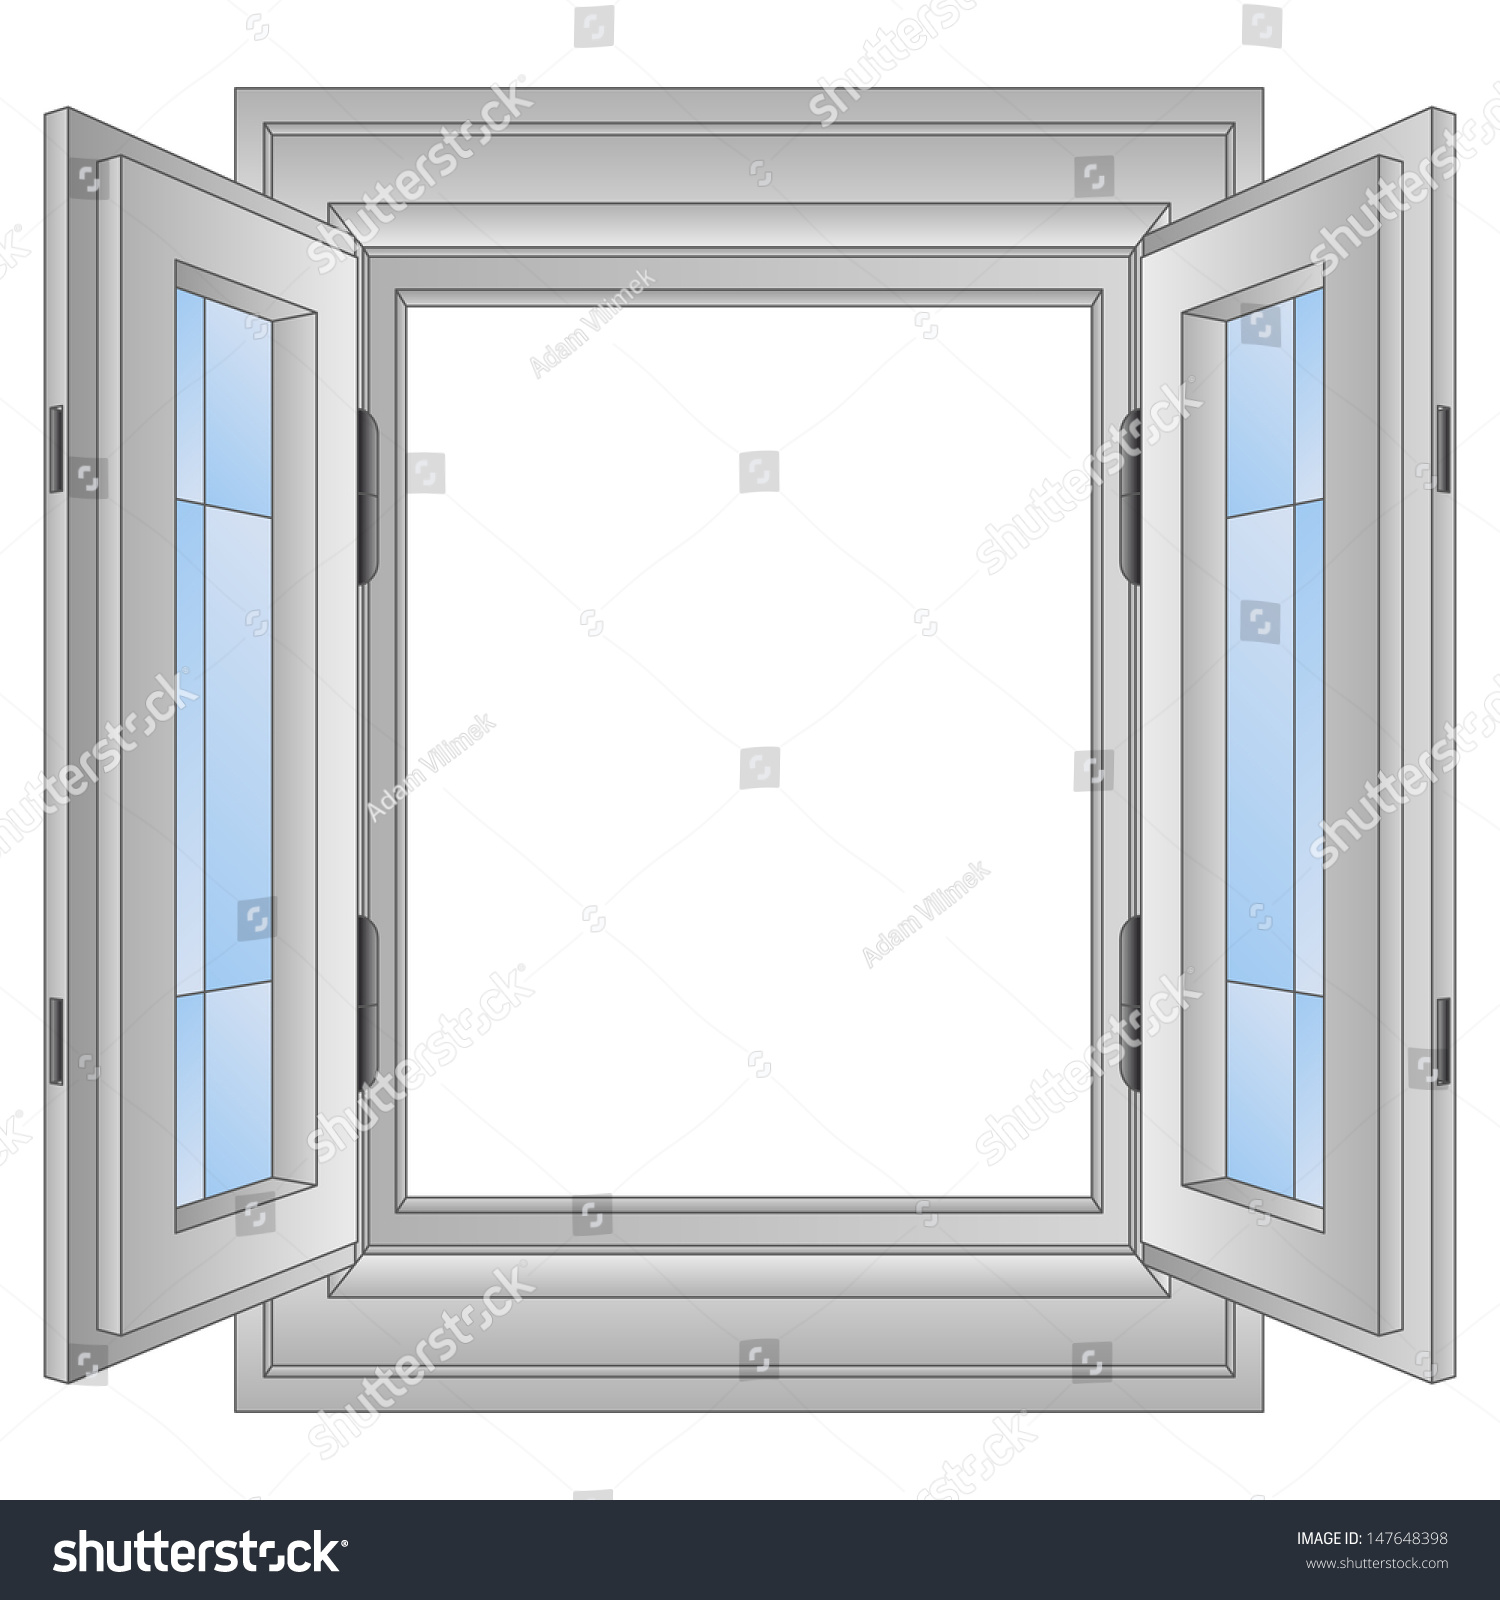 isolated open aluminium window frame vector illustration